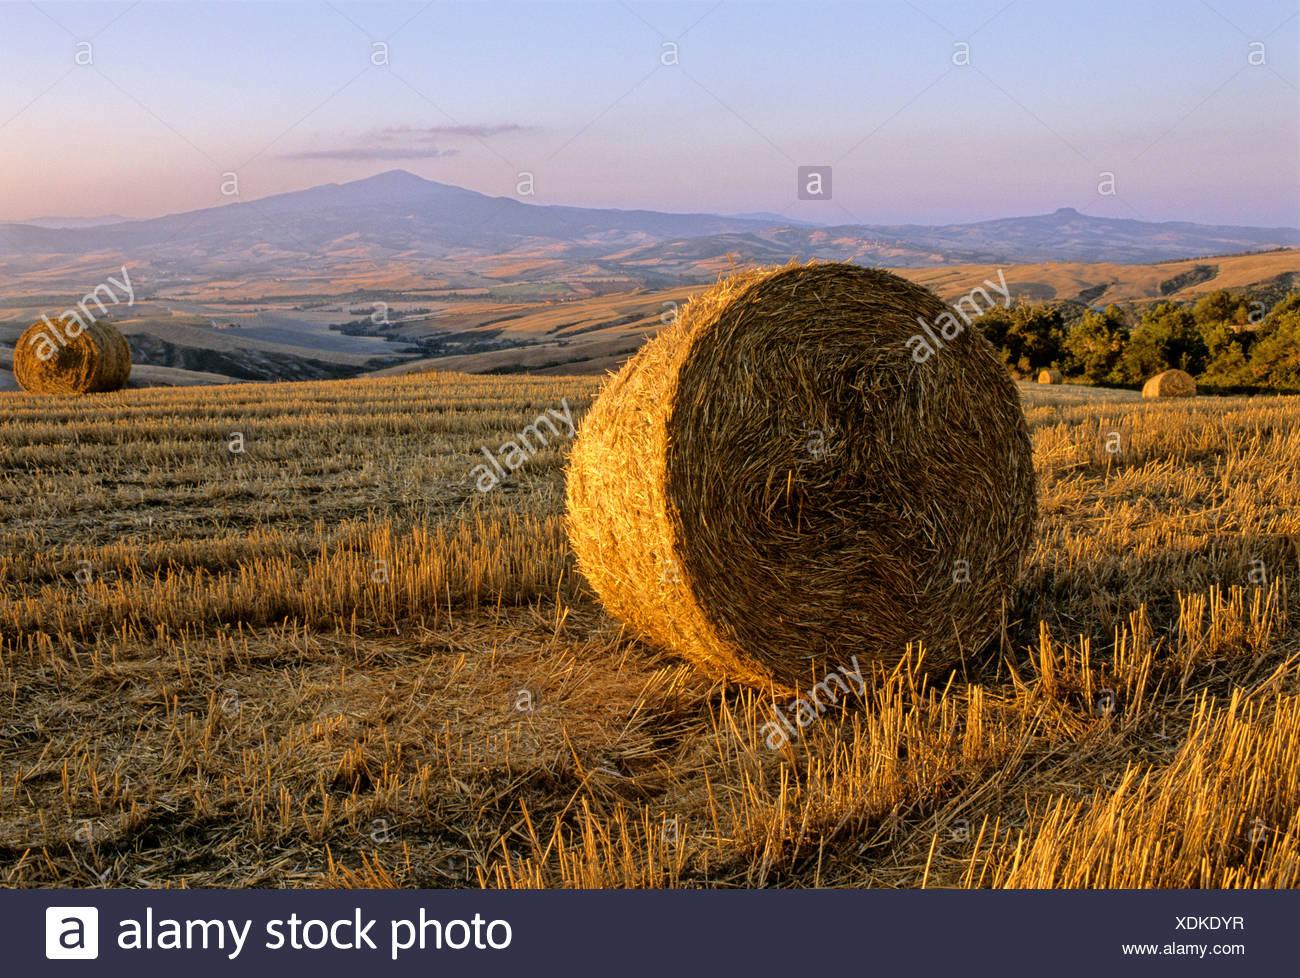 Von Stroh, geernteten Wheatfields Bale, Landschaft rund um Radicofani und Monte Amiata bei Sonnenuntergang, Val d' Orcia in der Nähe von Monticchiello, Stockbild